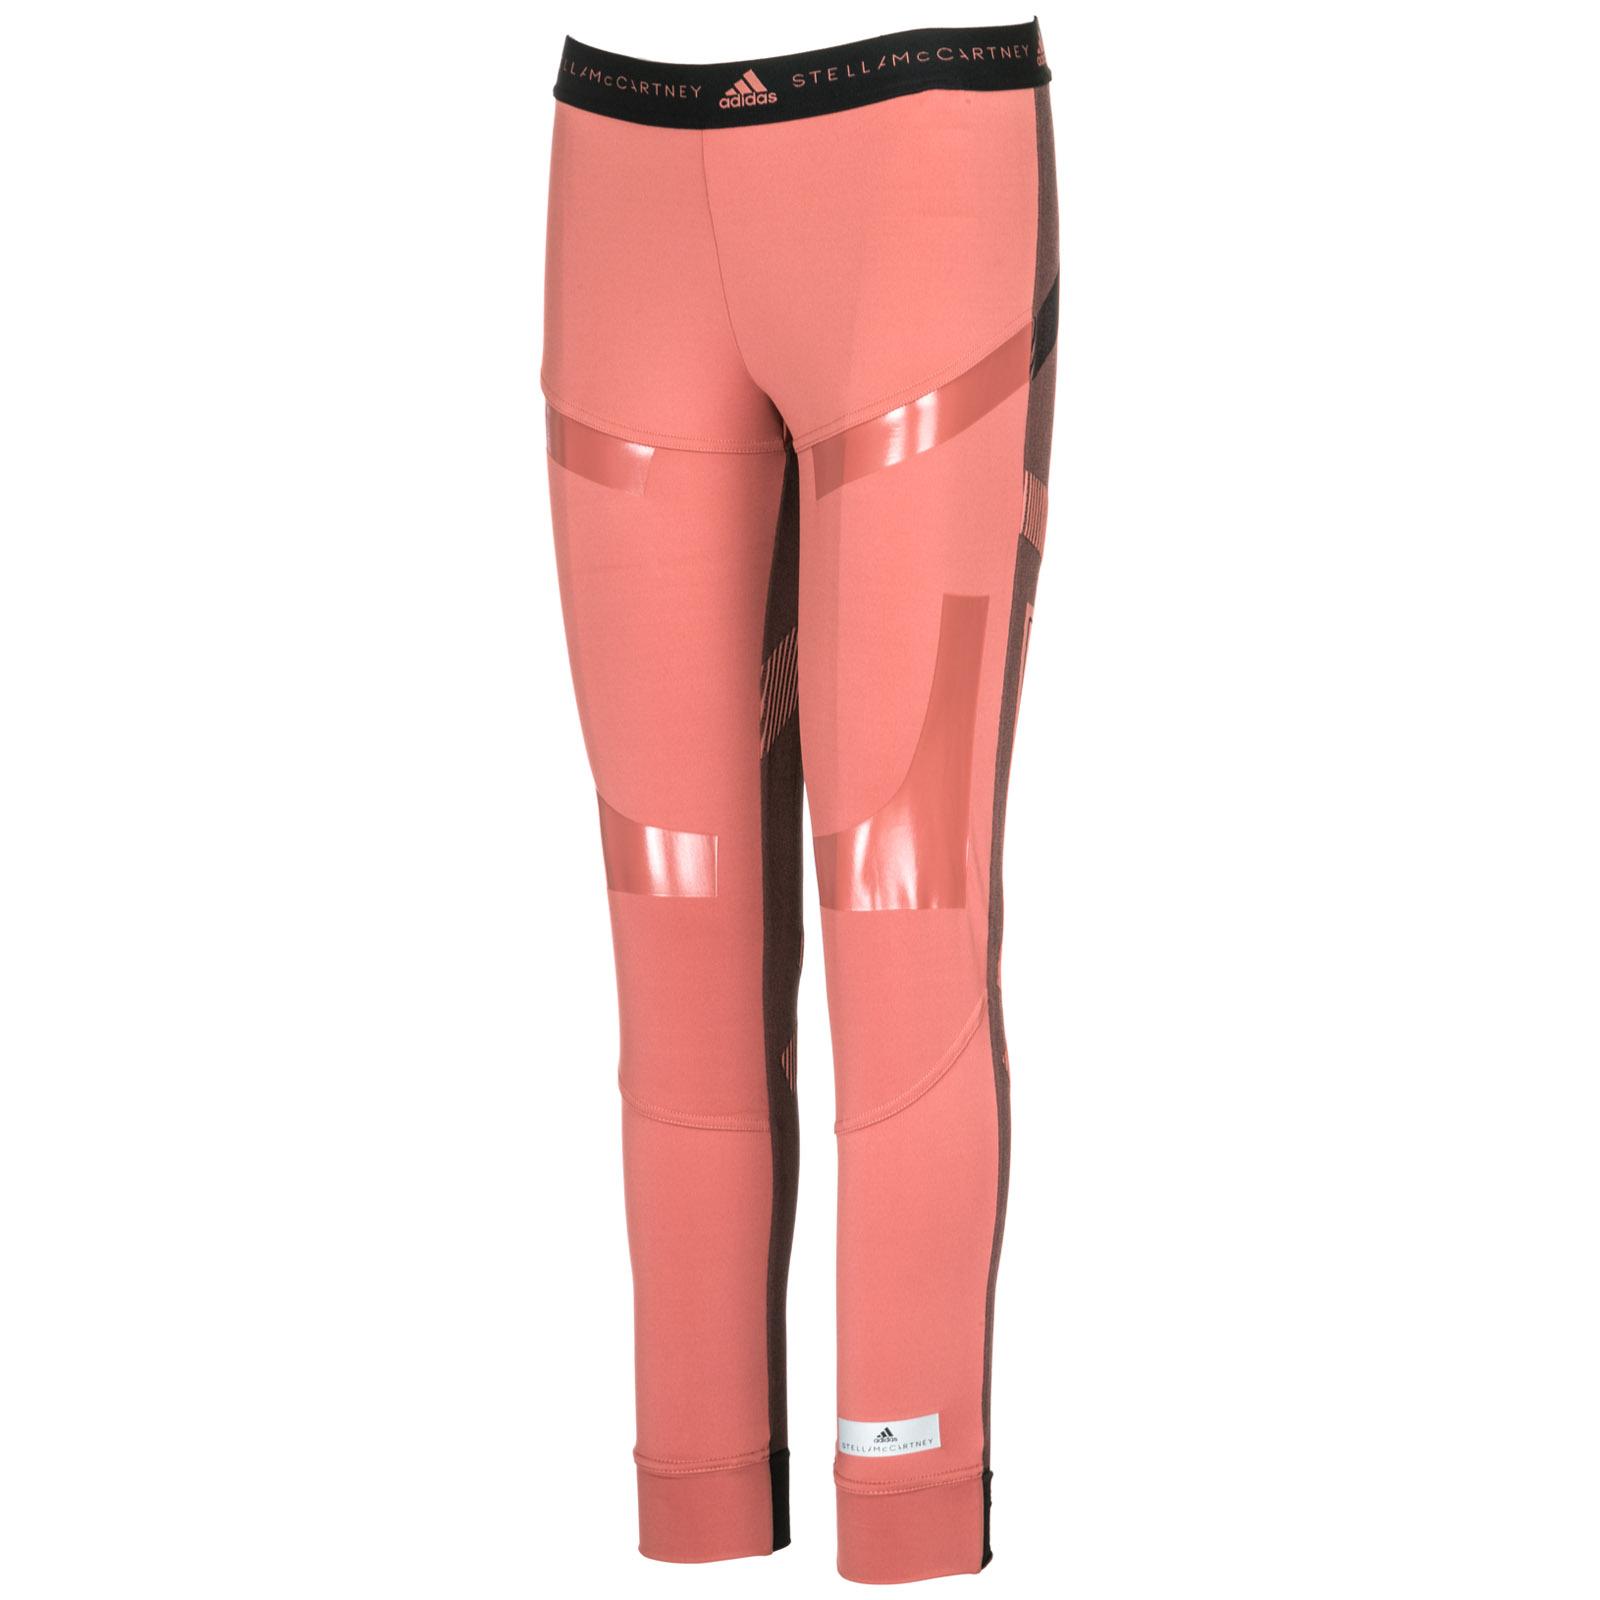 Corte de pelo Precioso Consulta  Leggings Adidas by Stella McCartney training CZ3499 rosa | FRMODA.com